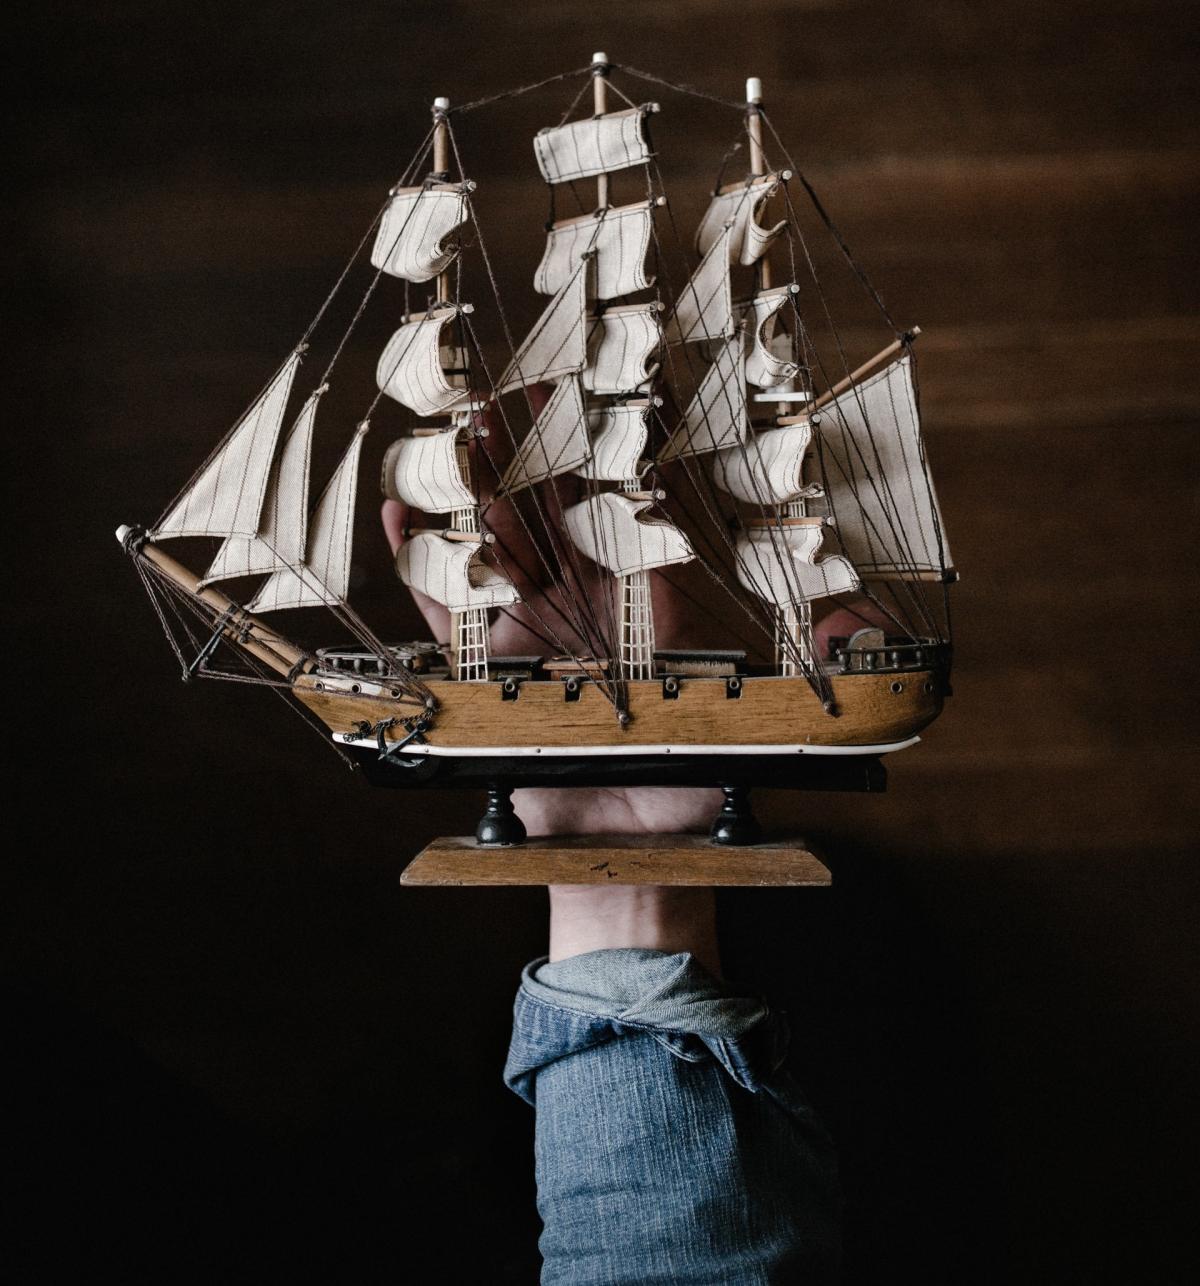 Σύντομη επισκόπηση του ποινικού αδικήματος της πειρατείας στη θάλασσα